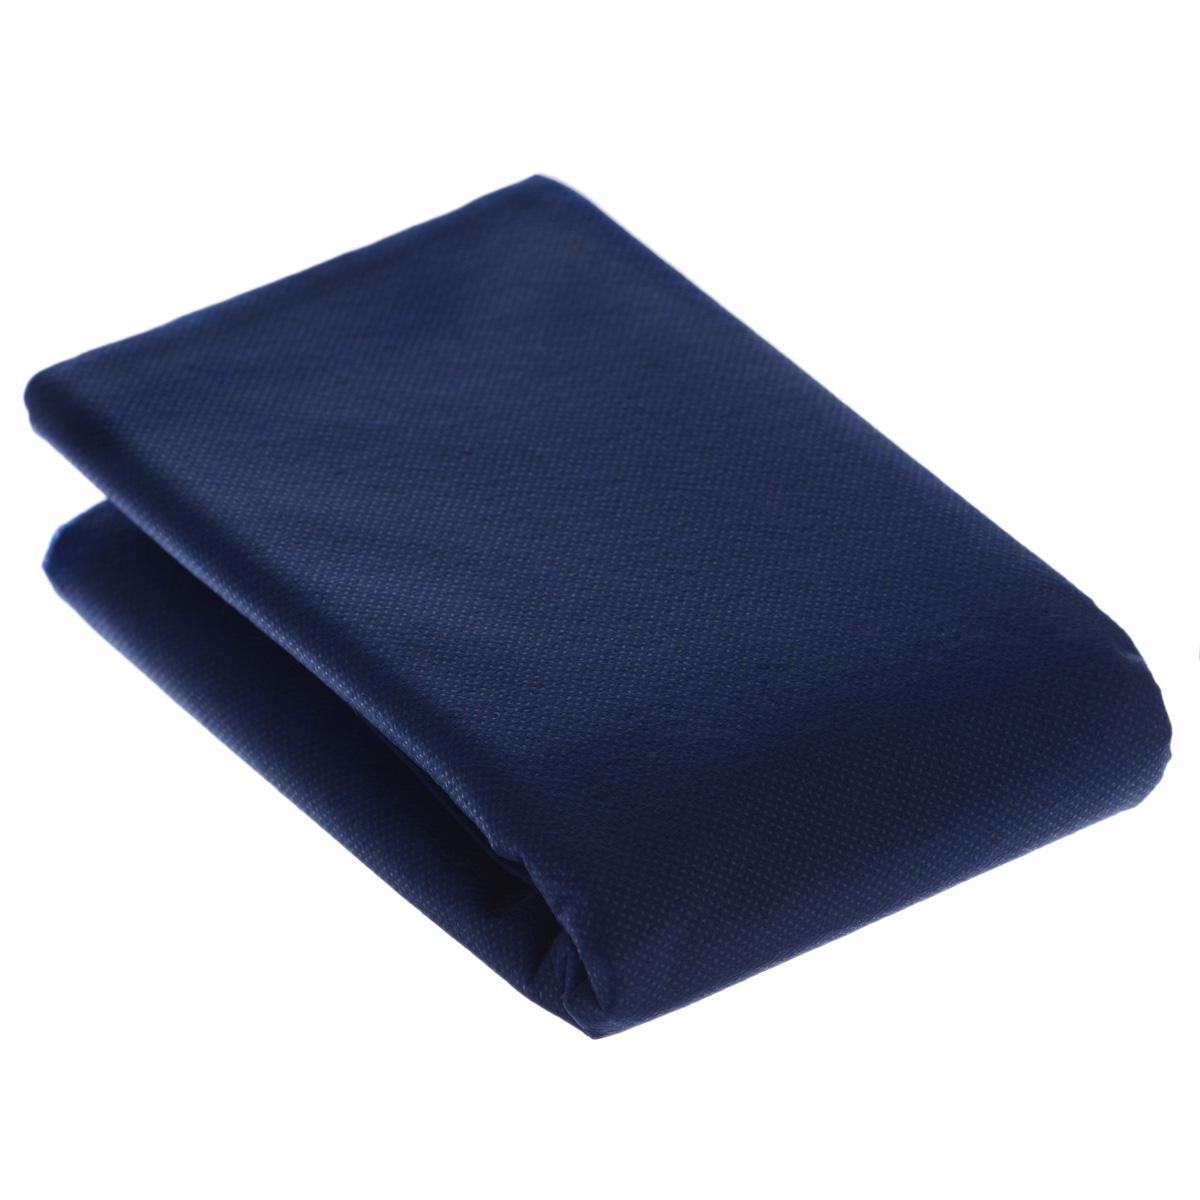 Скатерть Boyscout, прямоугольная, цвет: синий, 140x 110 см61709Прямоугольная одноразовая скатерть Boyscout выполнена из нетканого полимерного материала типа спанбонд и предназначена для применения в домашнем хозяйстве, на пикнике, на даче, в туризме. Такая салфетка добавит ярких красок любому мероприятию.